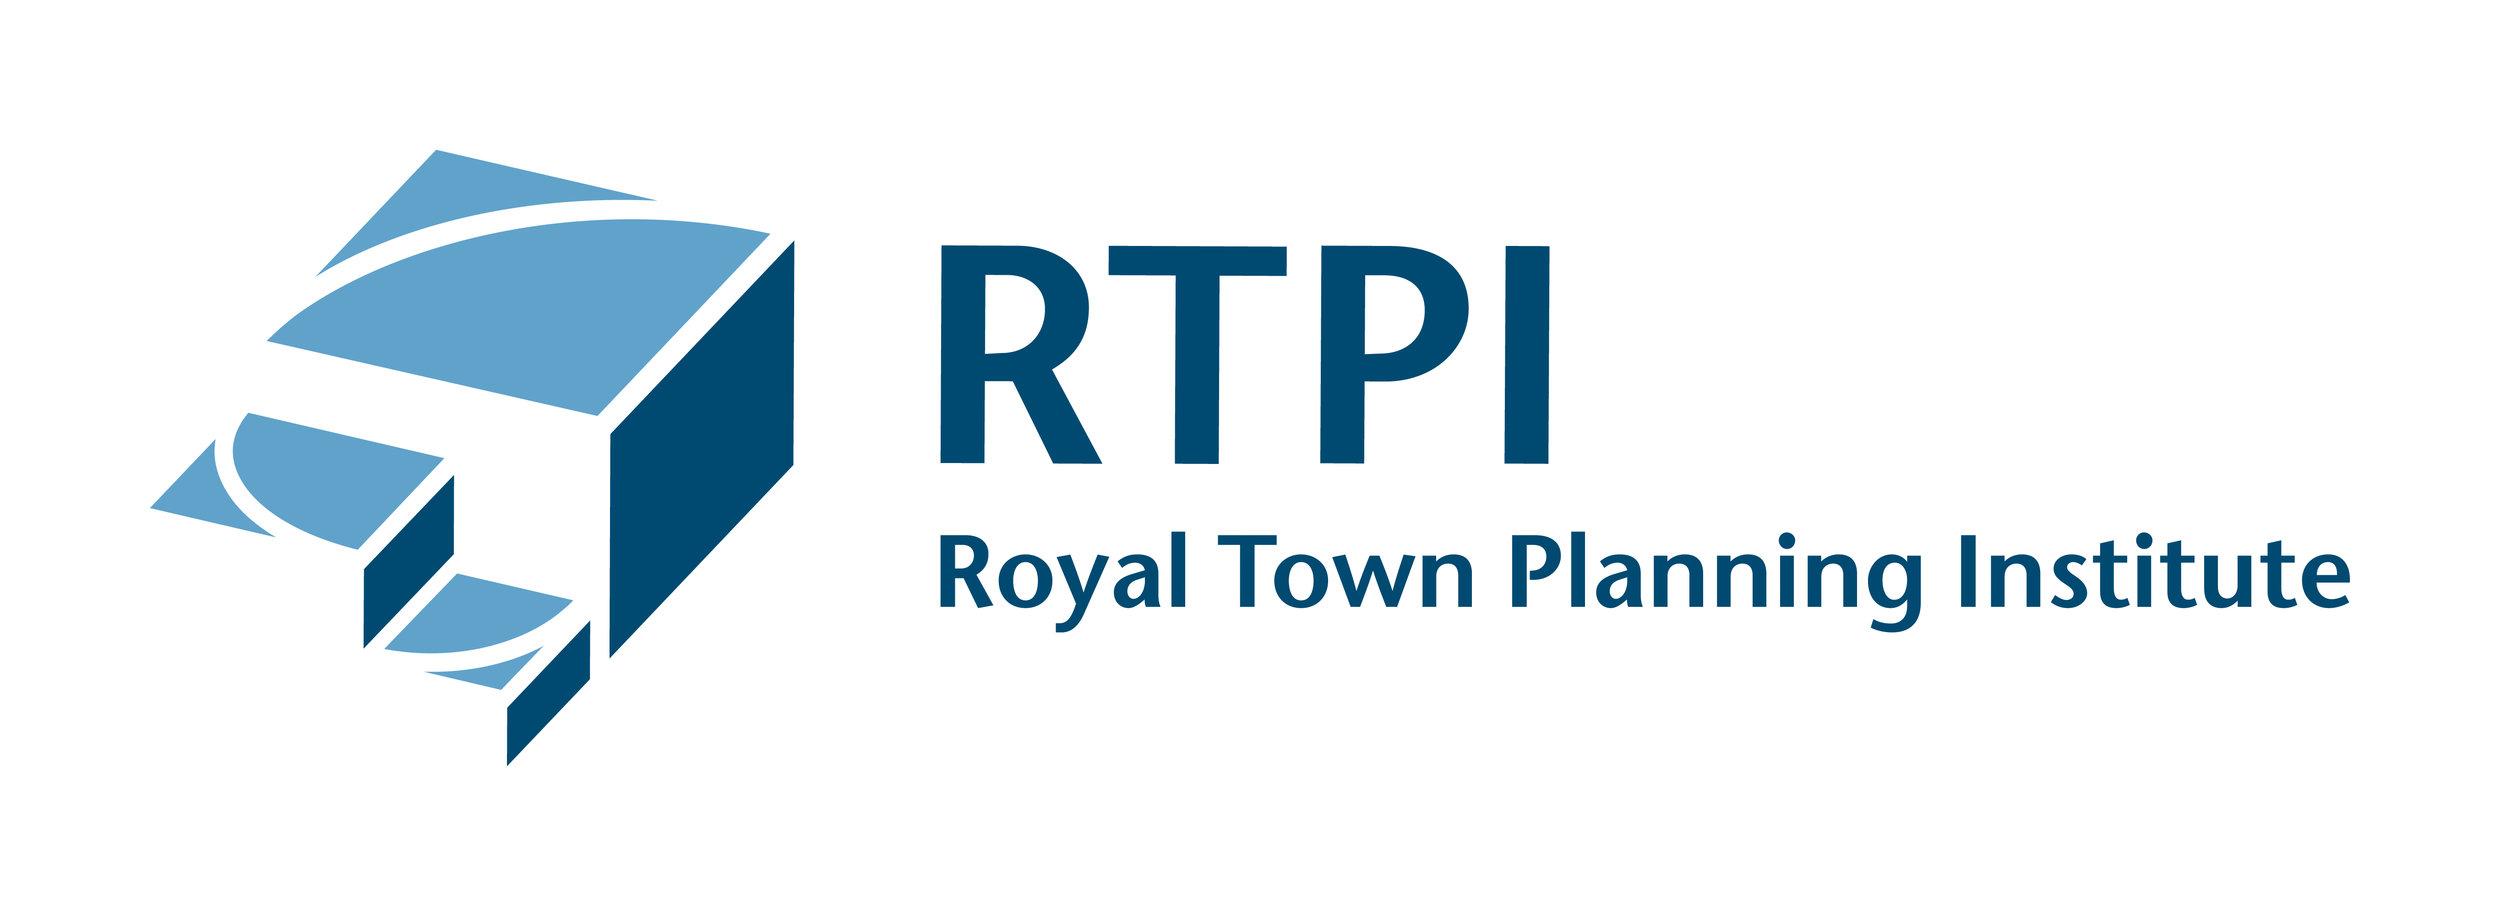 RTPI logo_RGB.jpg